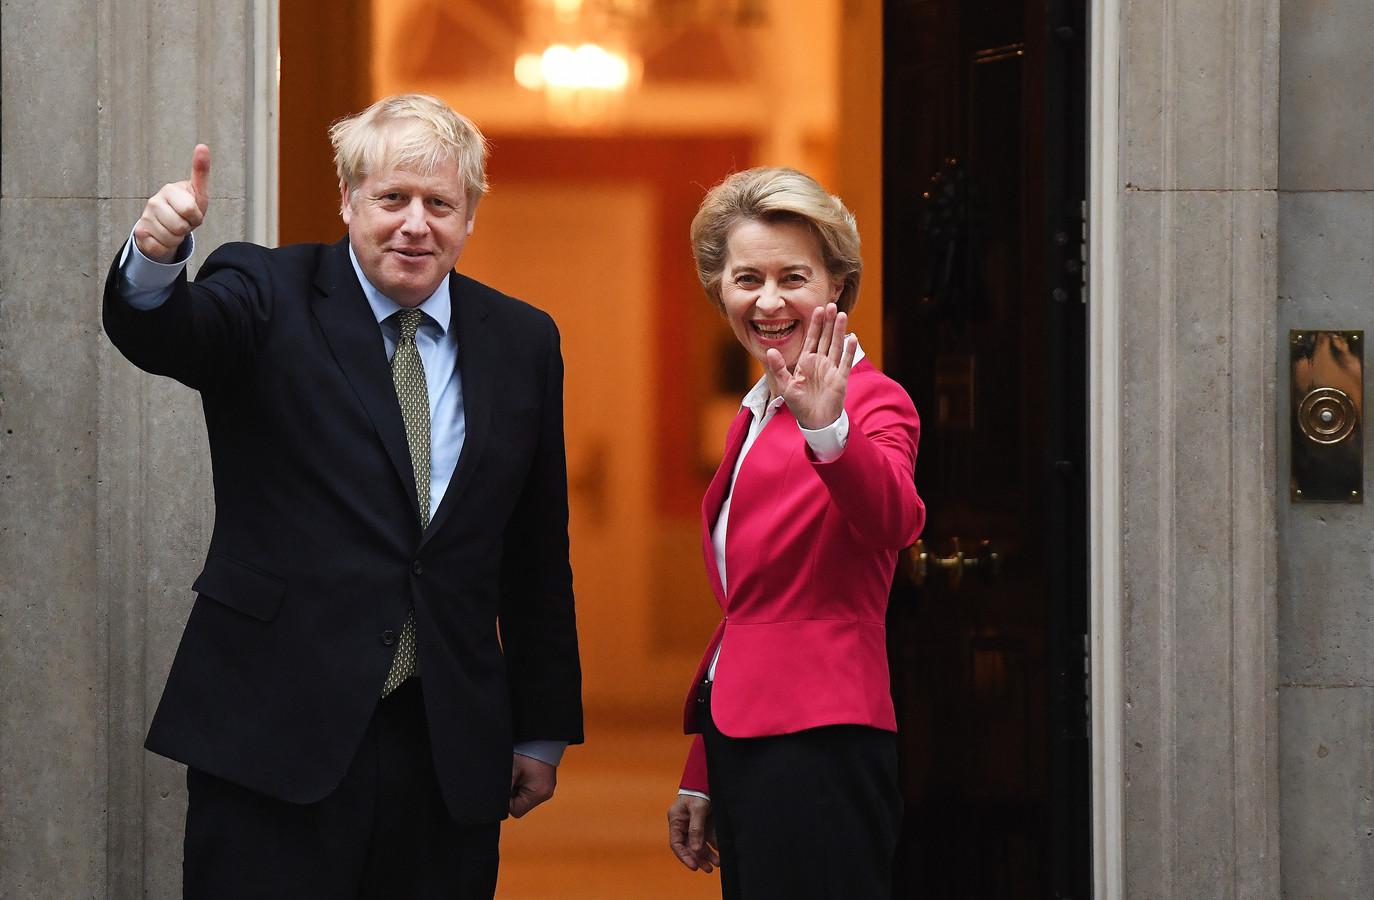 Archiefbeeld van de Britse premier samen met Europees Commissievoorzitster Ursula von der Leyen.